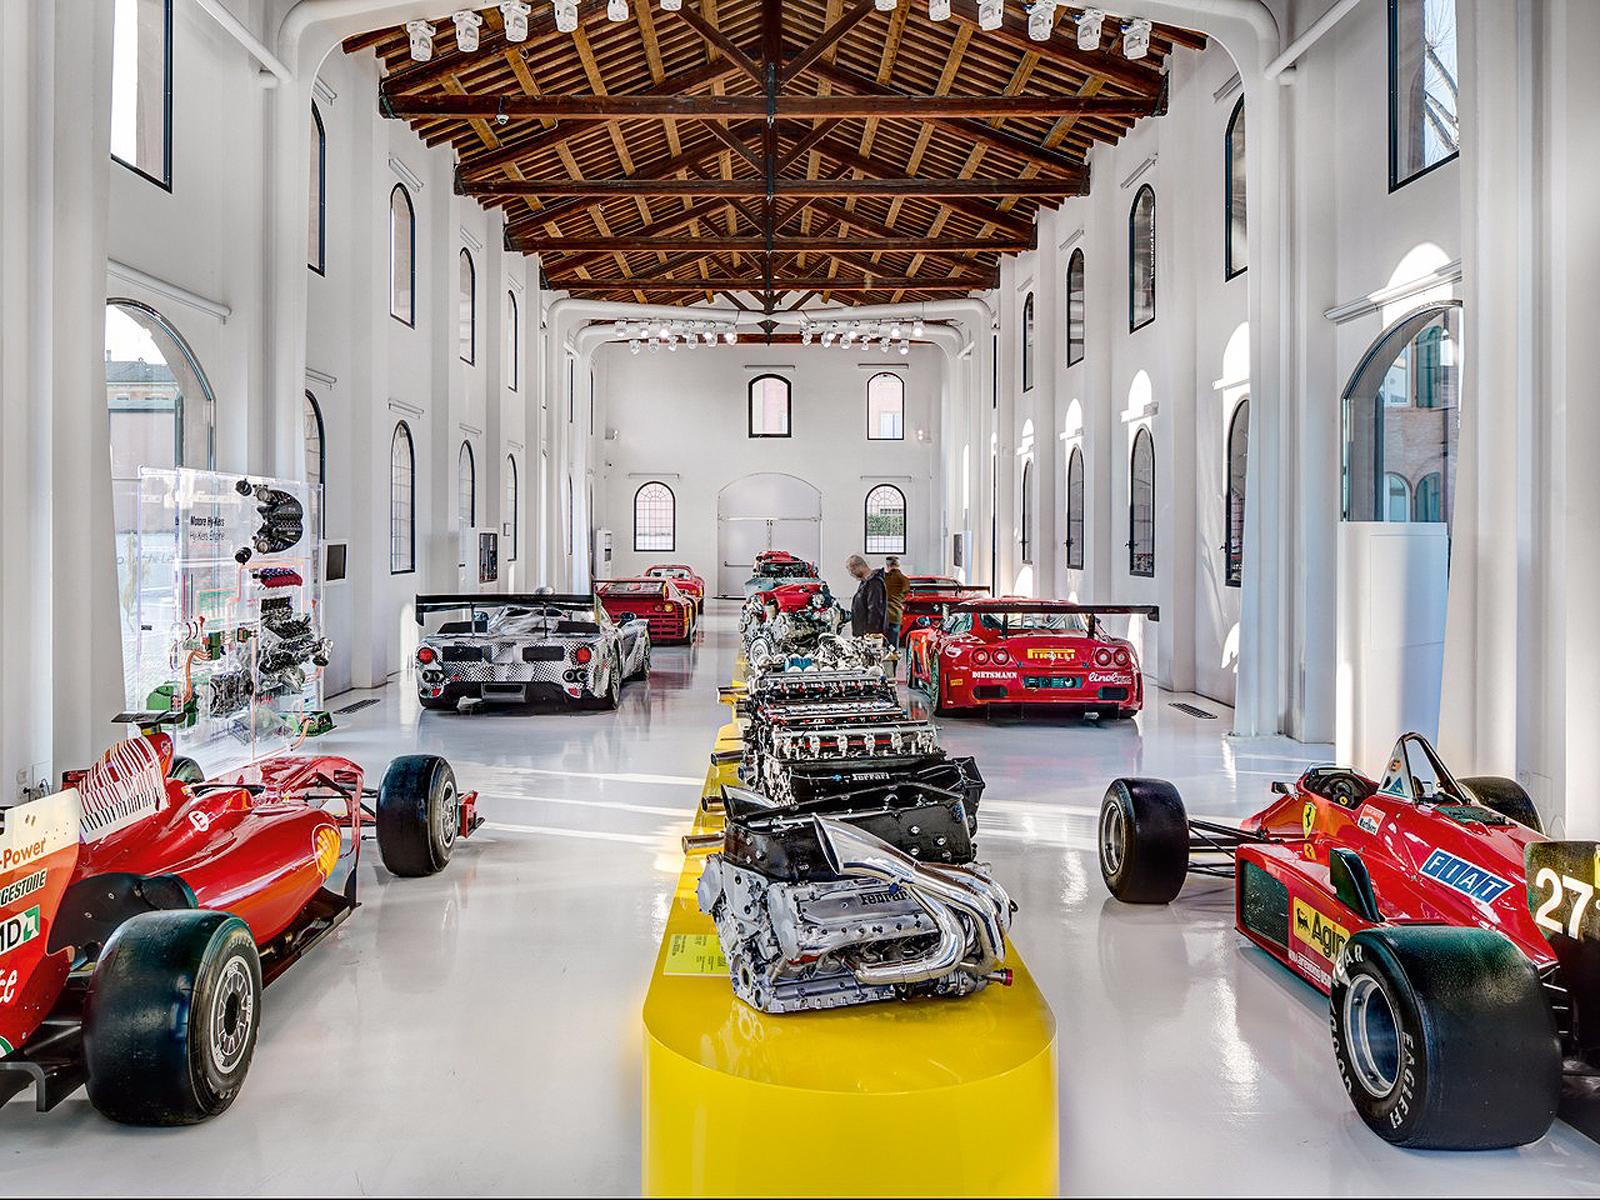 Museu exibe máquinas de sonho que encantam os fãs da marca